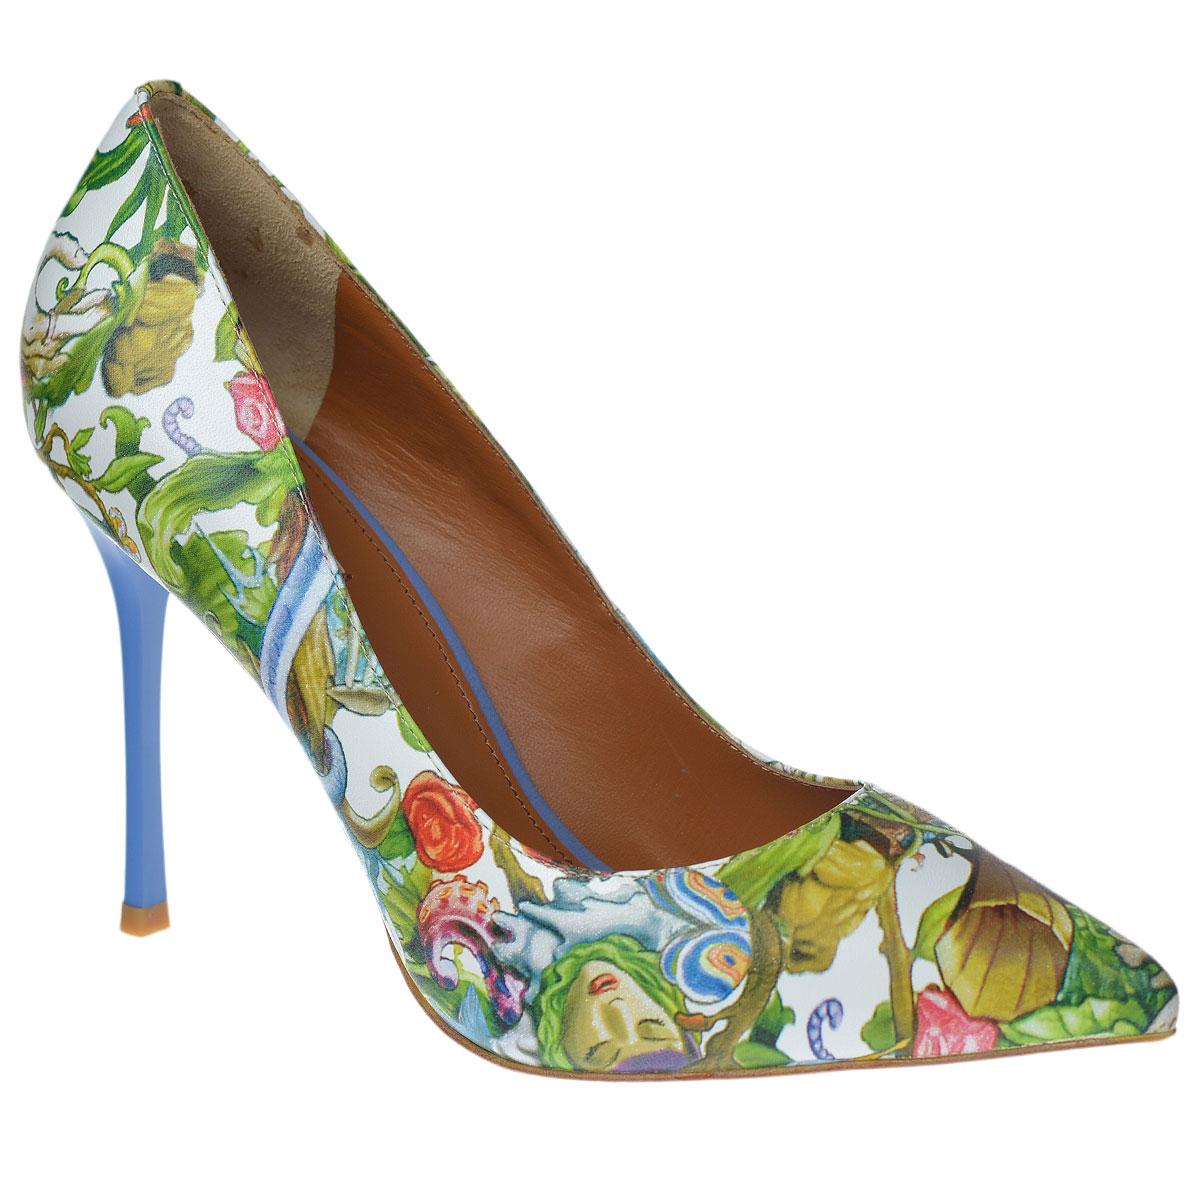 Туфли женские. 5998459984Эффектные женские туфли Vitacci поразят вас с первого взгляда. Модель изготовлена из высококачественной натуральной кожи и декорирована оригинальным принтом. Зауженный носок добавит женственности в ваш образ. Стелька из натуральной кожи позволяет ногам дышать. Высокий каблук-шпилька компенсирован скрытой платформой. Подошва с рифлением обеспечивает отличное сцепление с любой поверхностью. Изысканные туфли добавят шика в модный образ и подчеркнут ваш безупречный вкус.